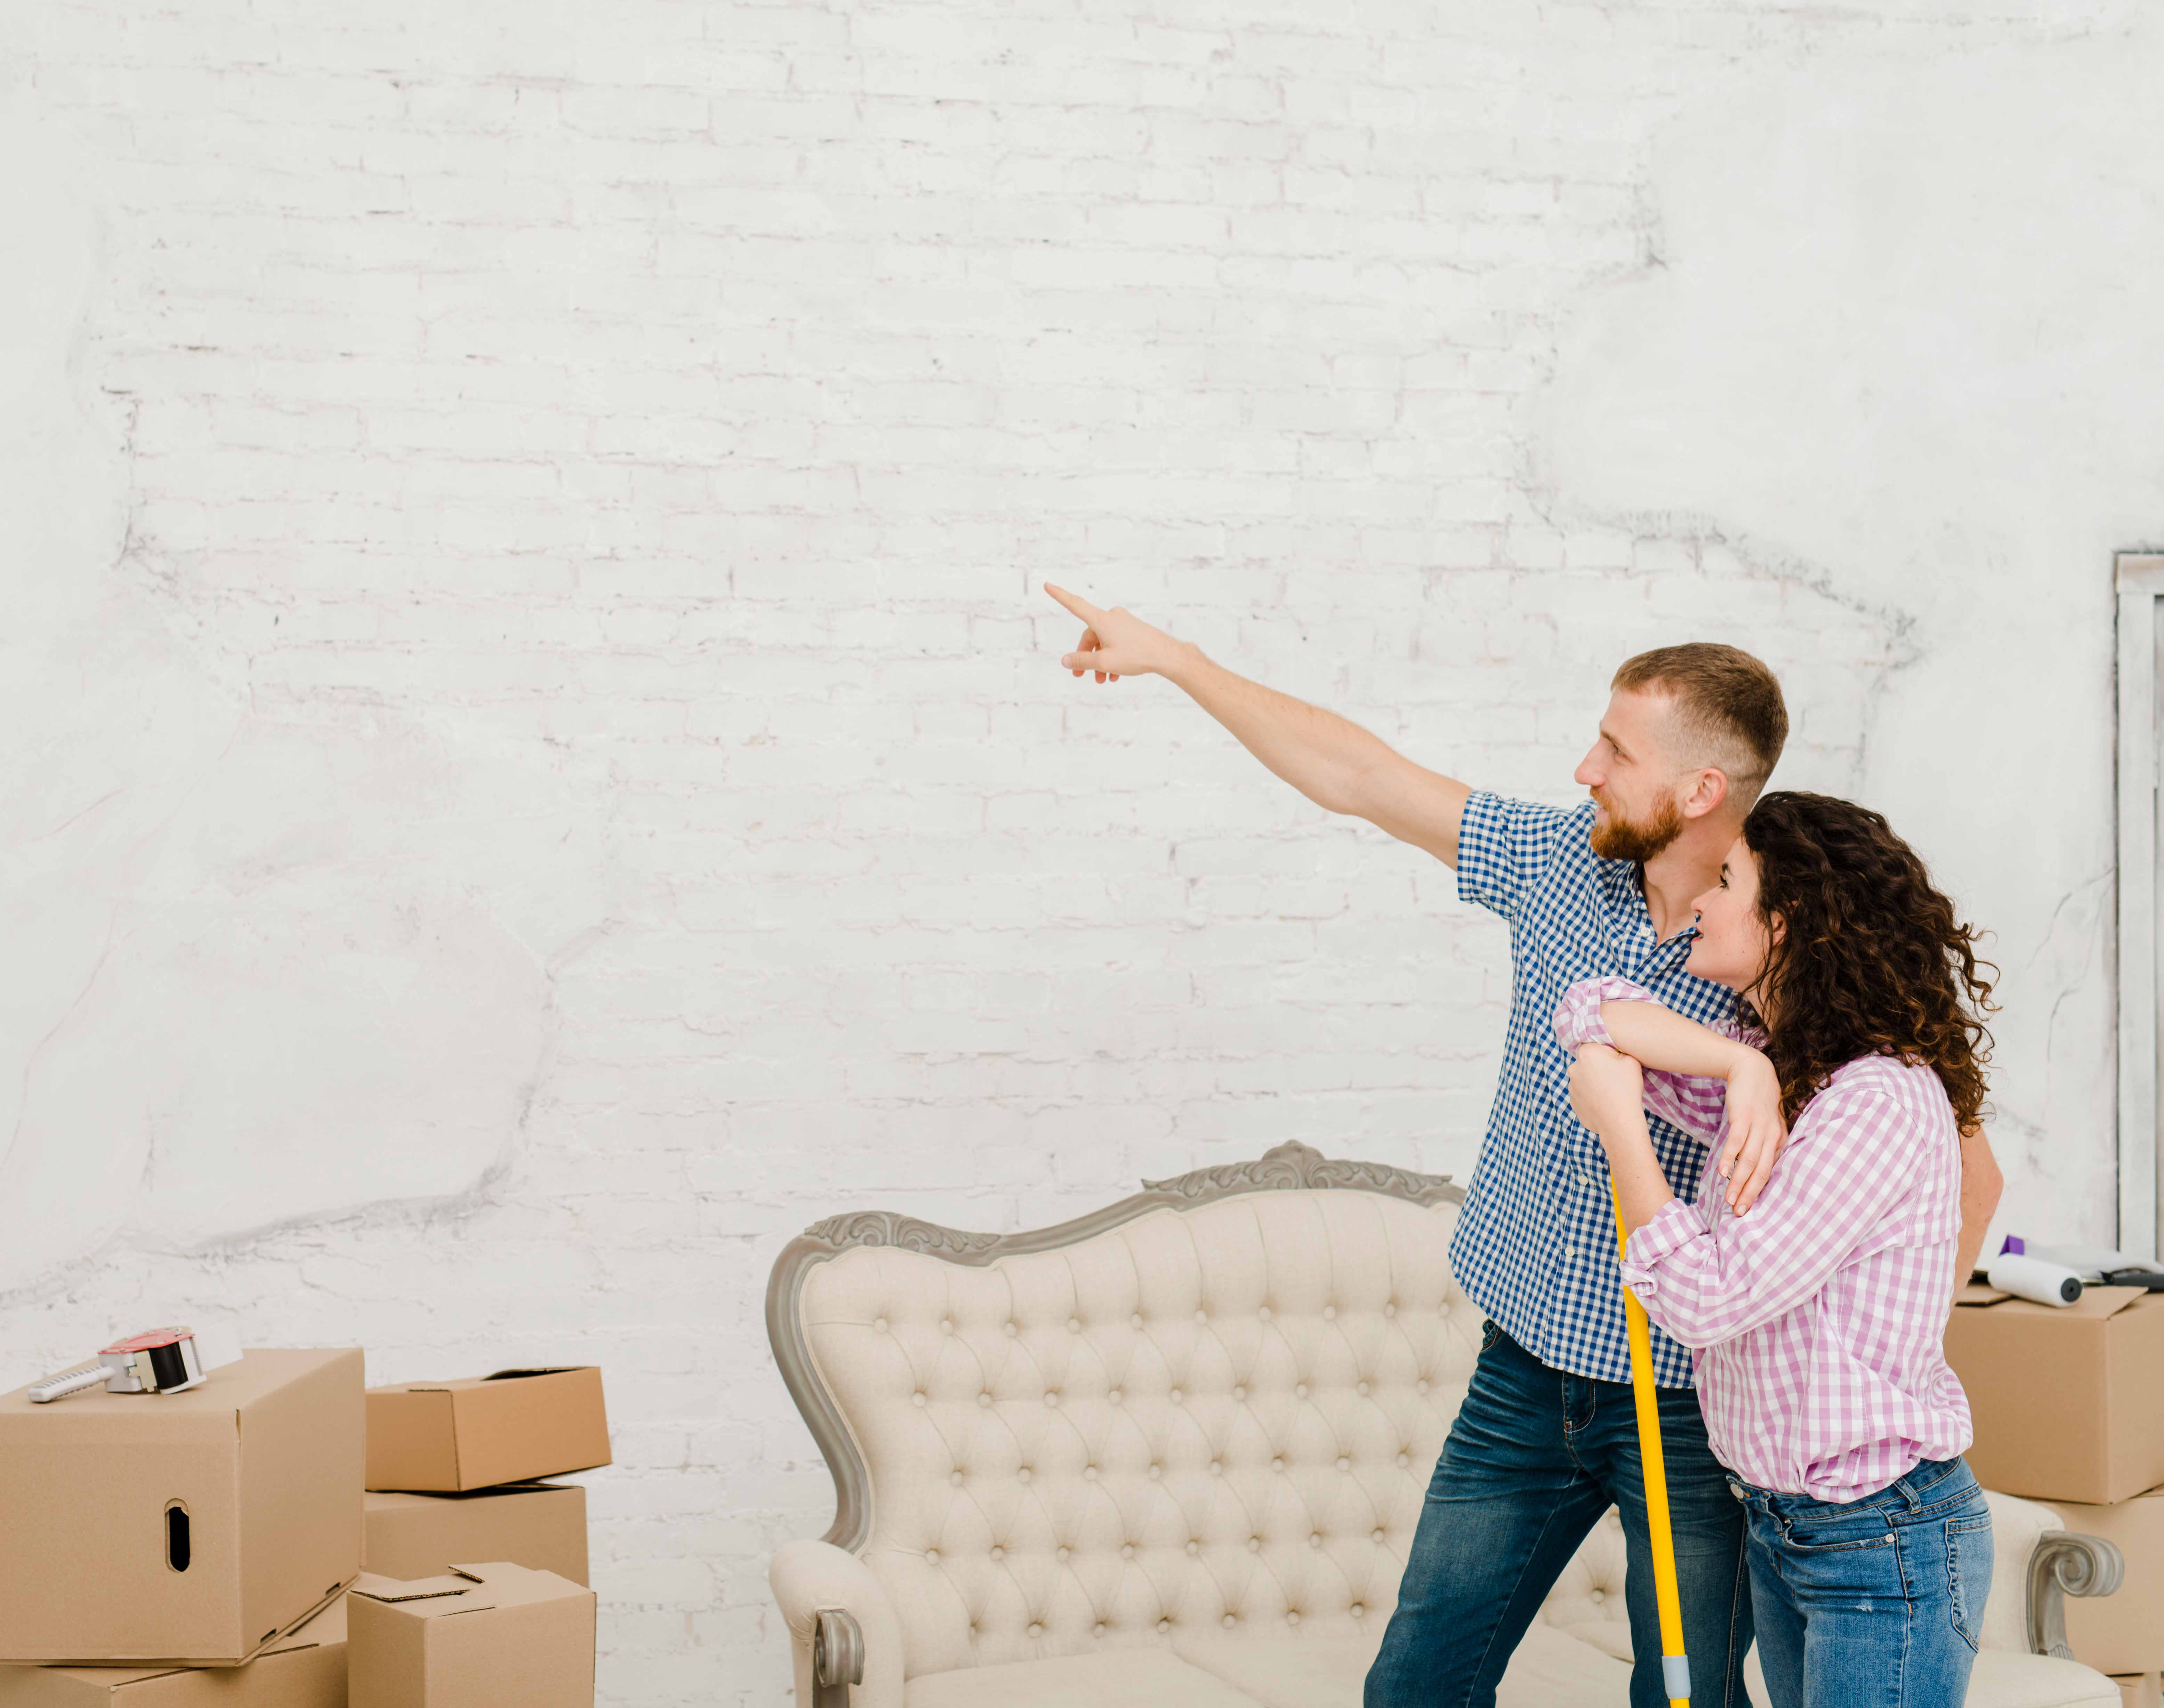 r alisez votre nouveau projet gr ce votre pr t existant libertaux courtier pr t hypoth caire. Black Bedroom Furniture Sets. Home Design Ideas